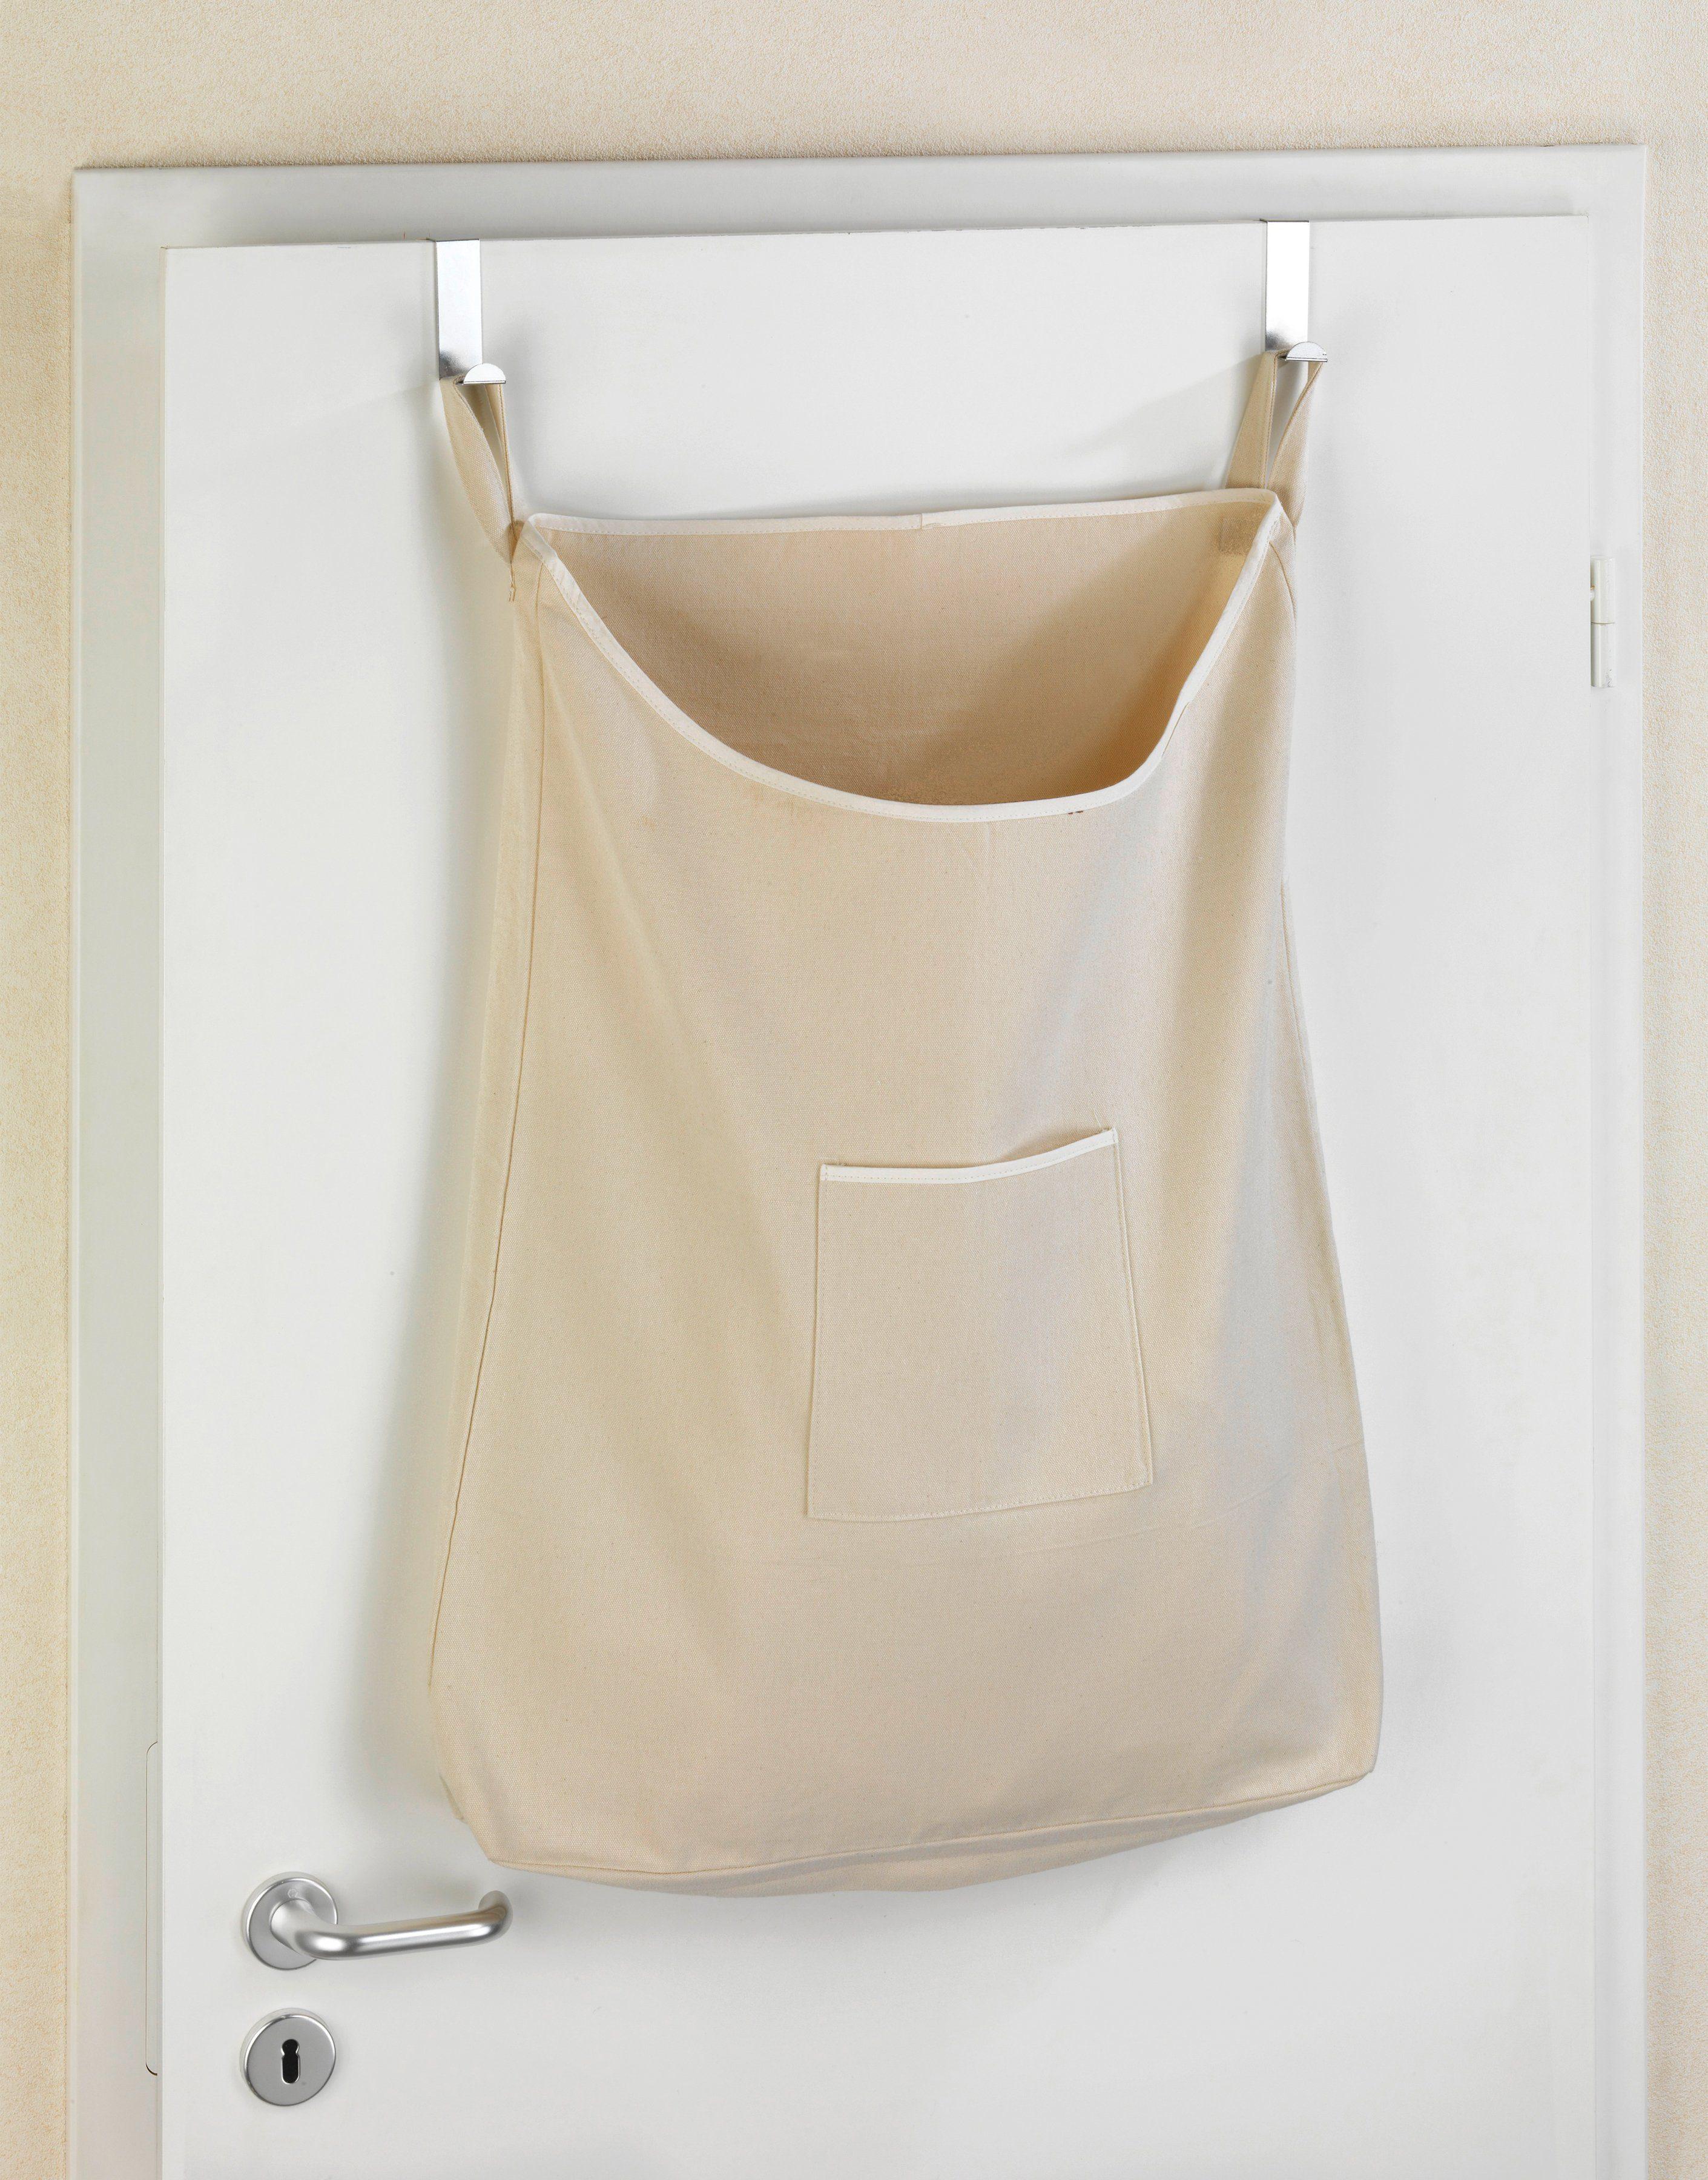 WENKO Wäschesammler »Canguro Beige«, Tür-Wäschesammler, Baumwolle, 65 l